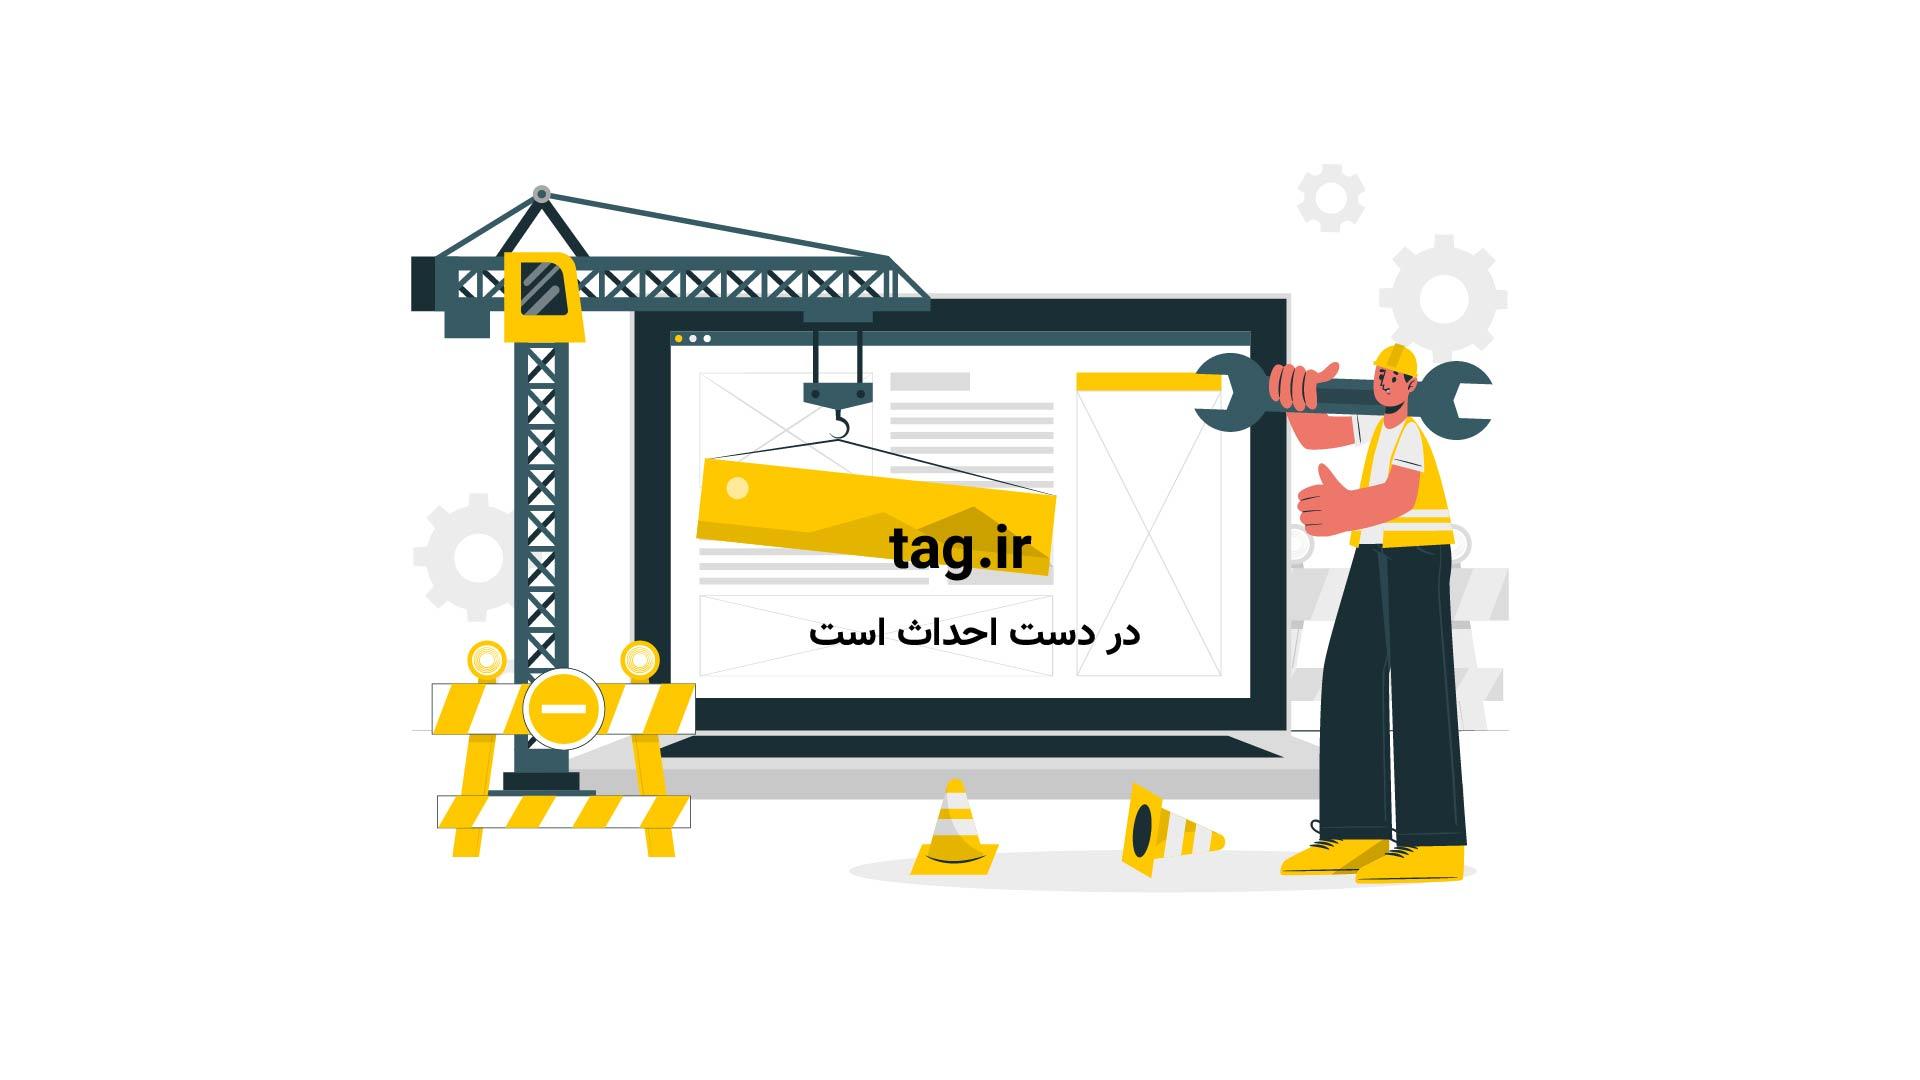 حمام تاریخی عامری ها در شهر کاشان | فیلم